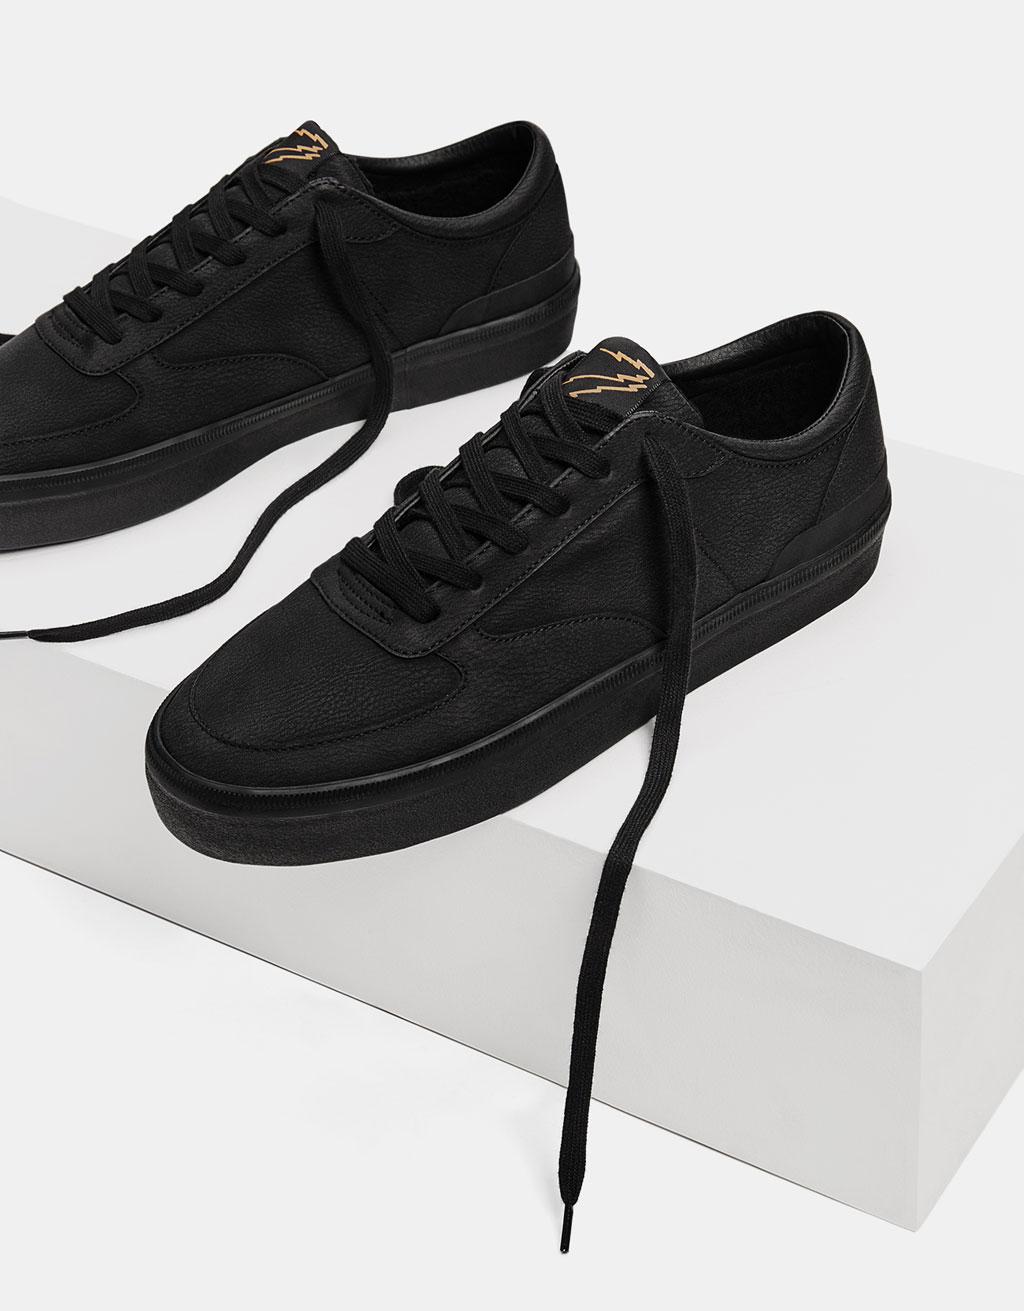 Men's monochrome lined sneakers